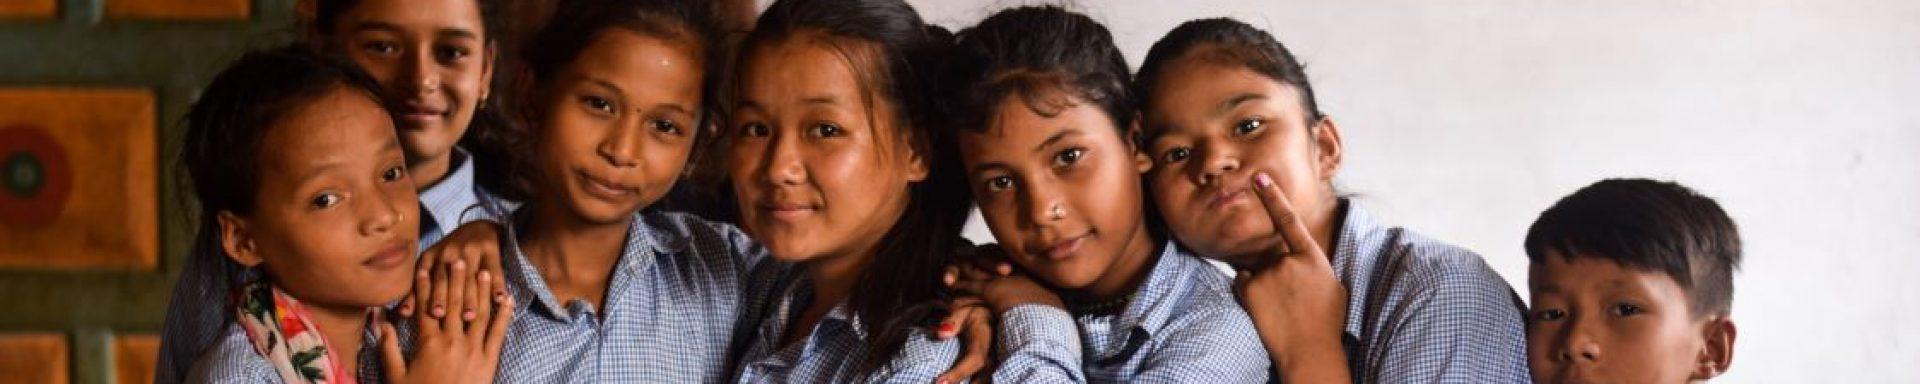 Leerlingen van het de Maya Universe Academy in Tanahun, Nepal poseren.